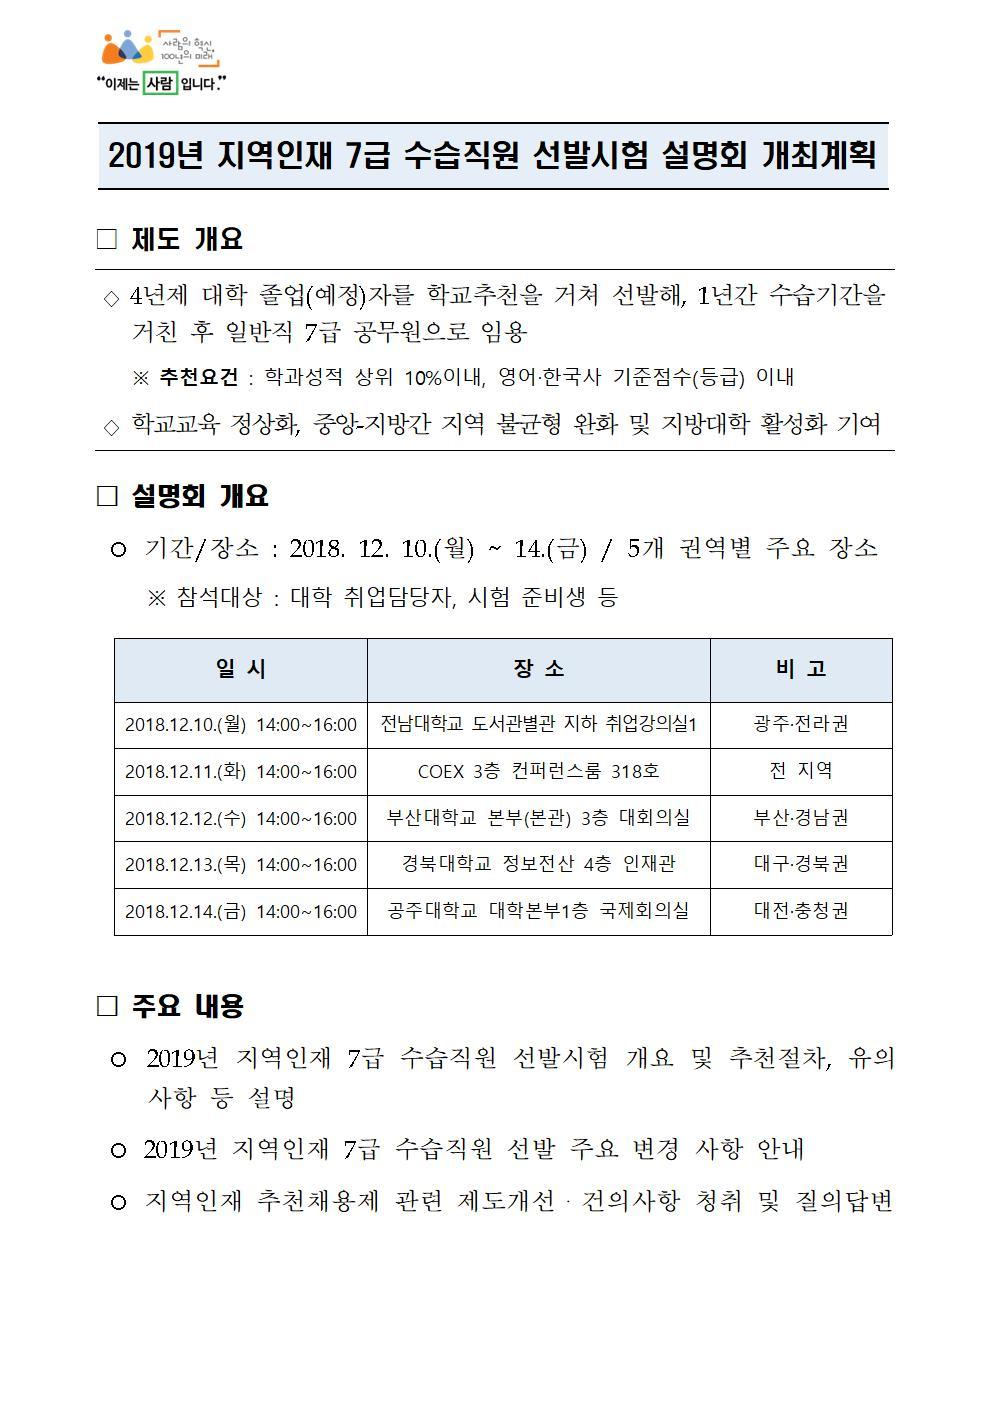 2019년 지역인재 7급 수습직원 선발 설명회 계획(교육부).jpg